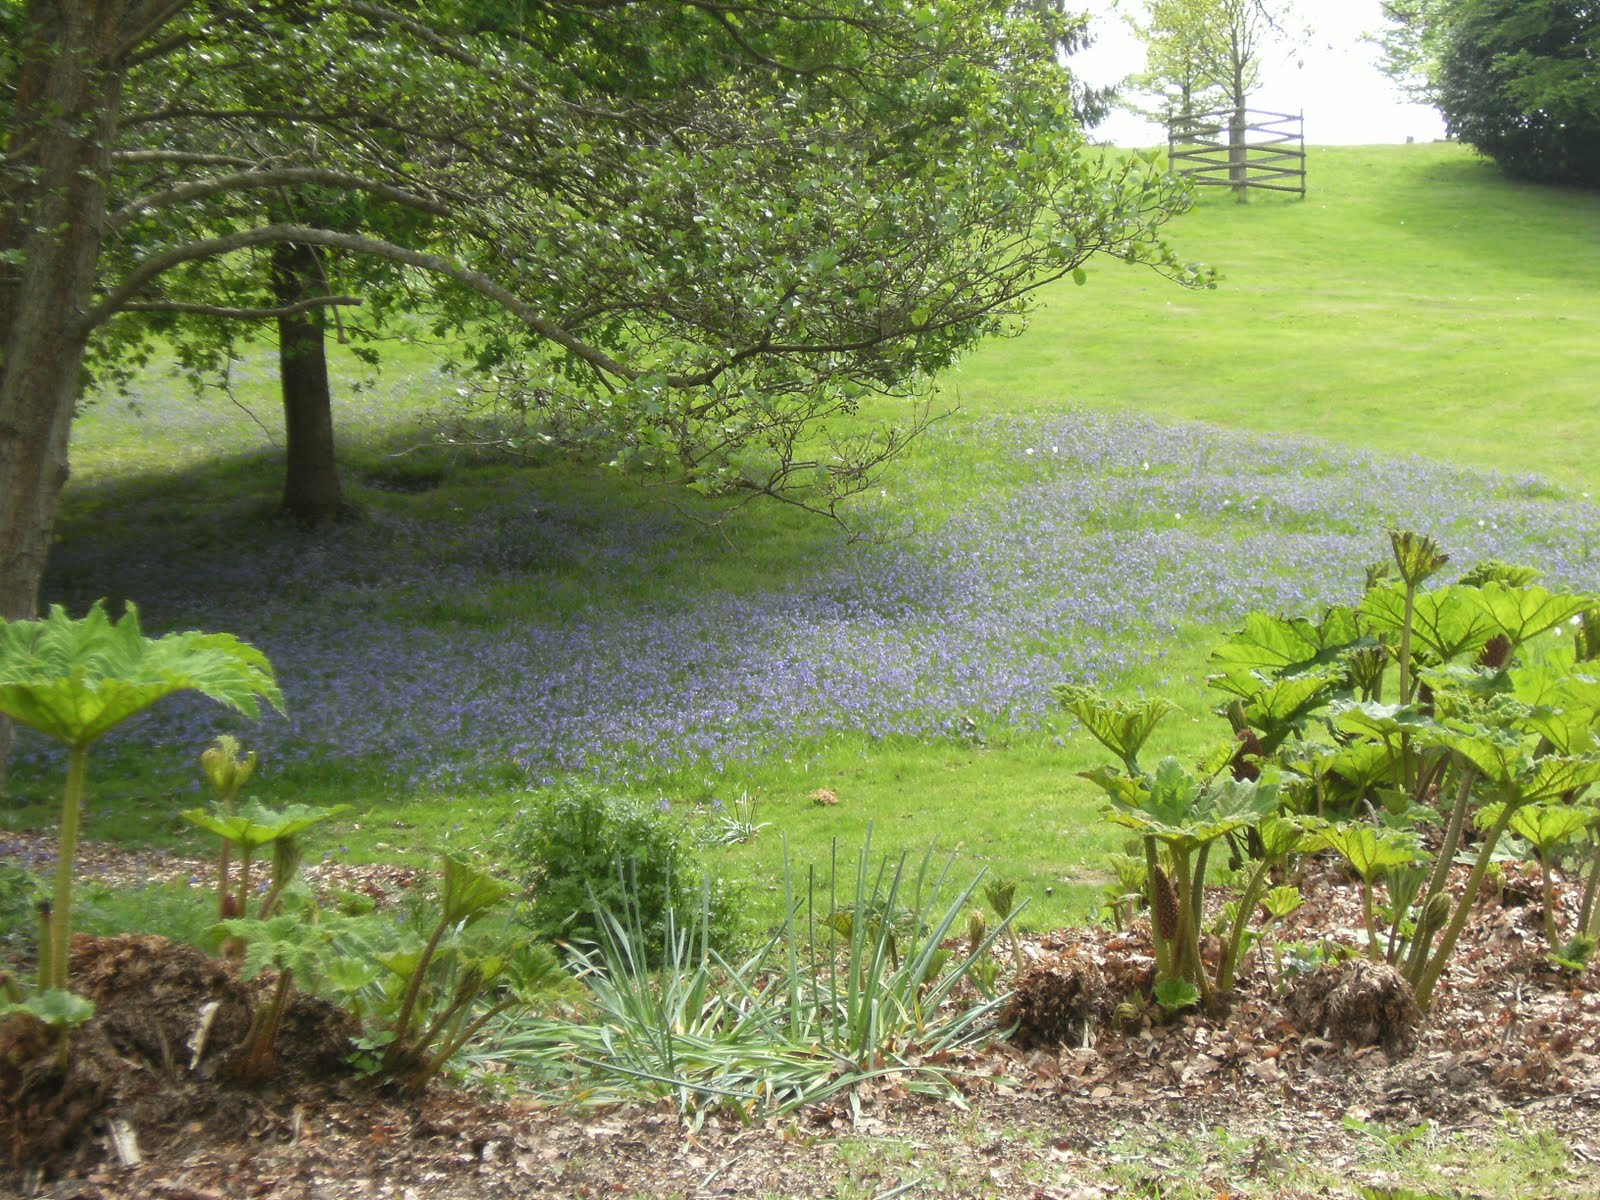 DSCF7813 Bluebells on the Buckhurst Estate